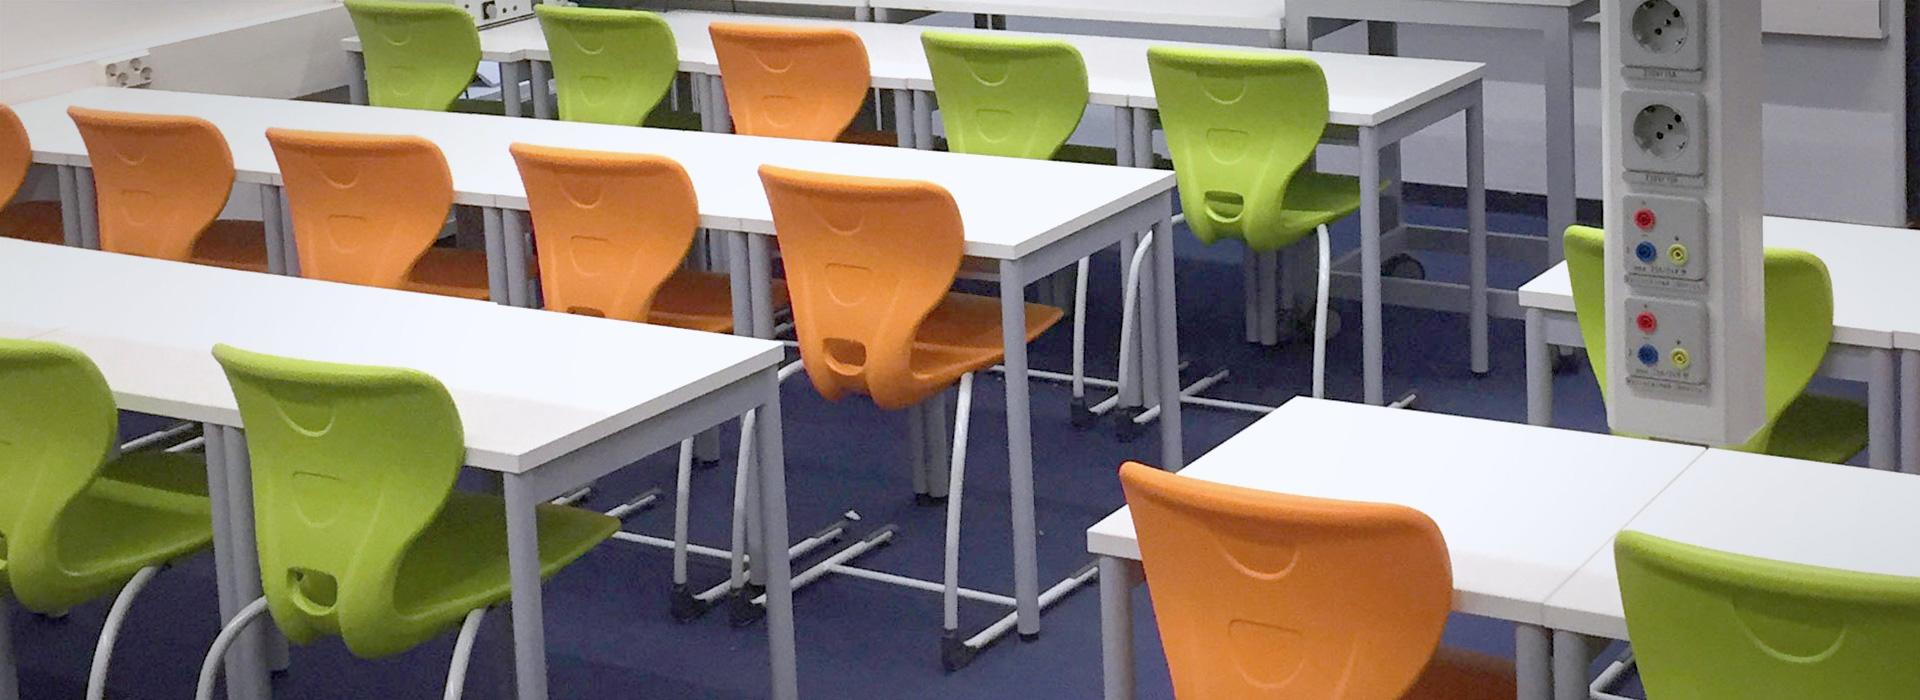 Image: classroom KULOSAAREN YHTEISKOULU, HELSINKI